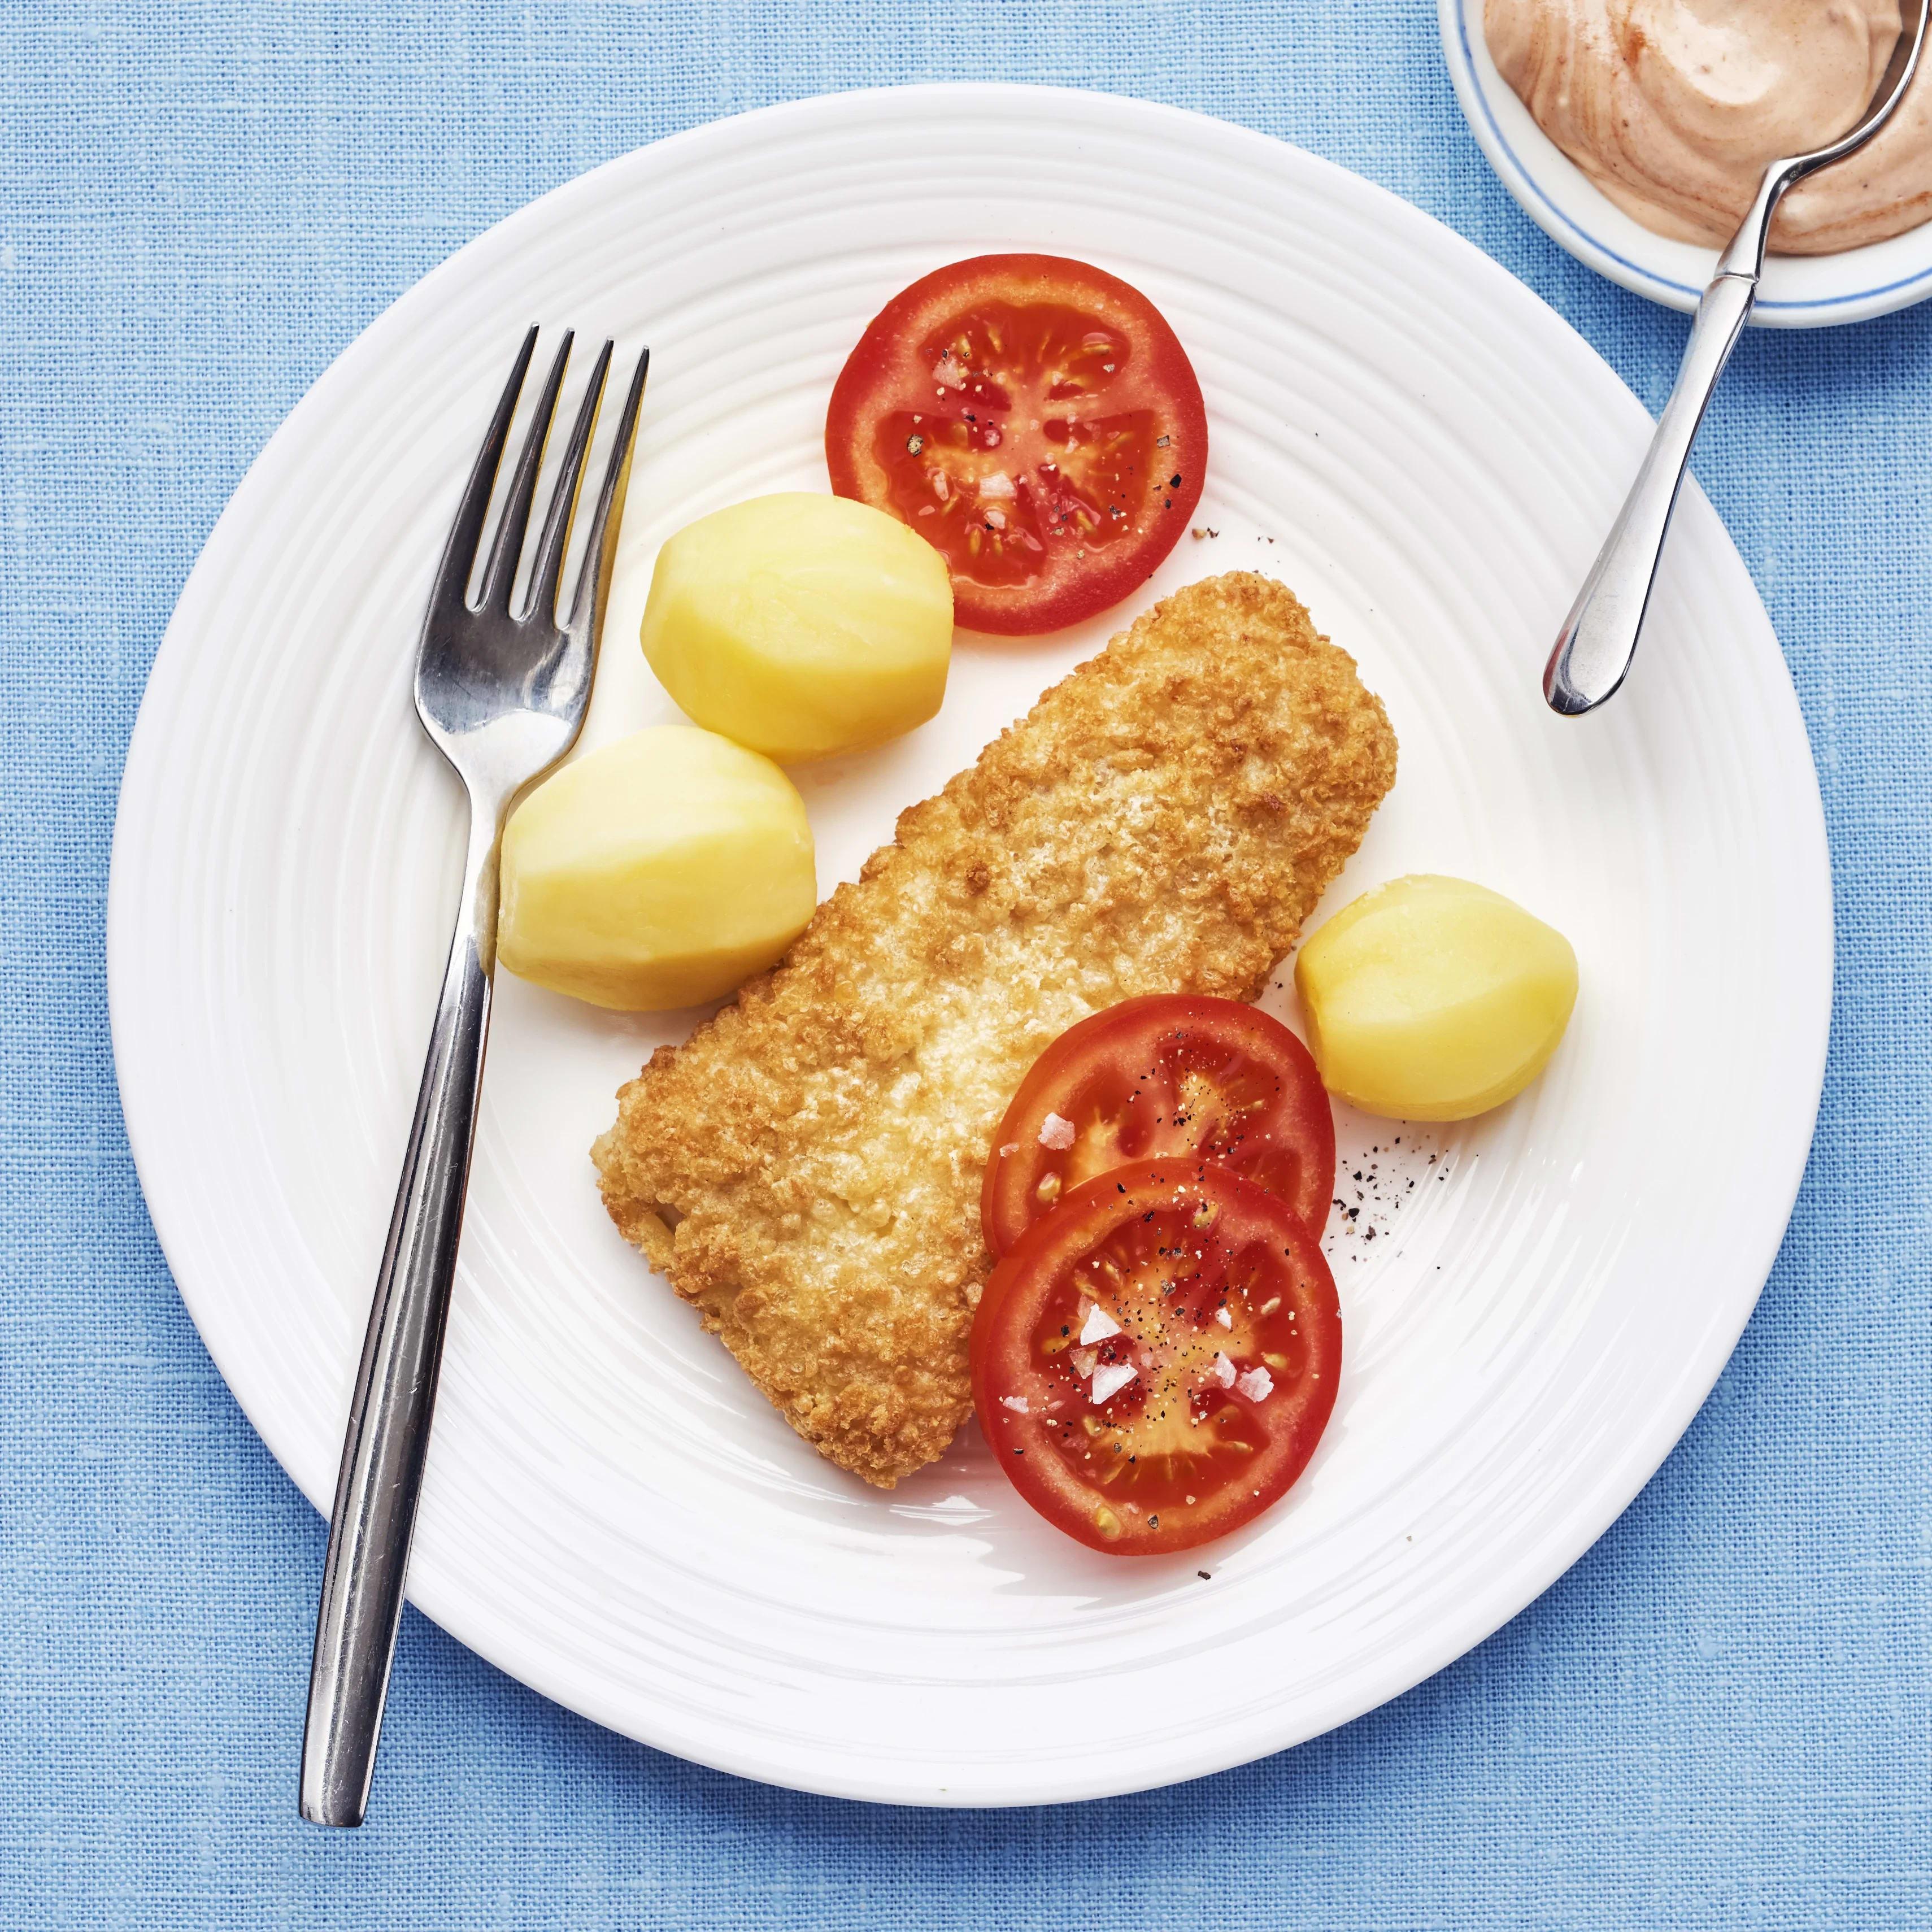 sprödbakad torsk recept